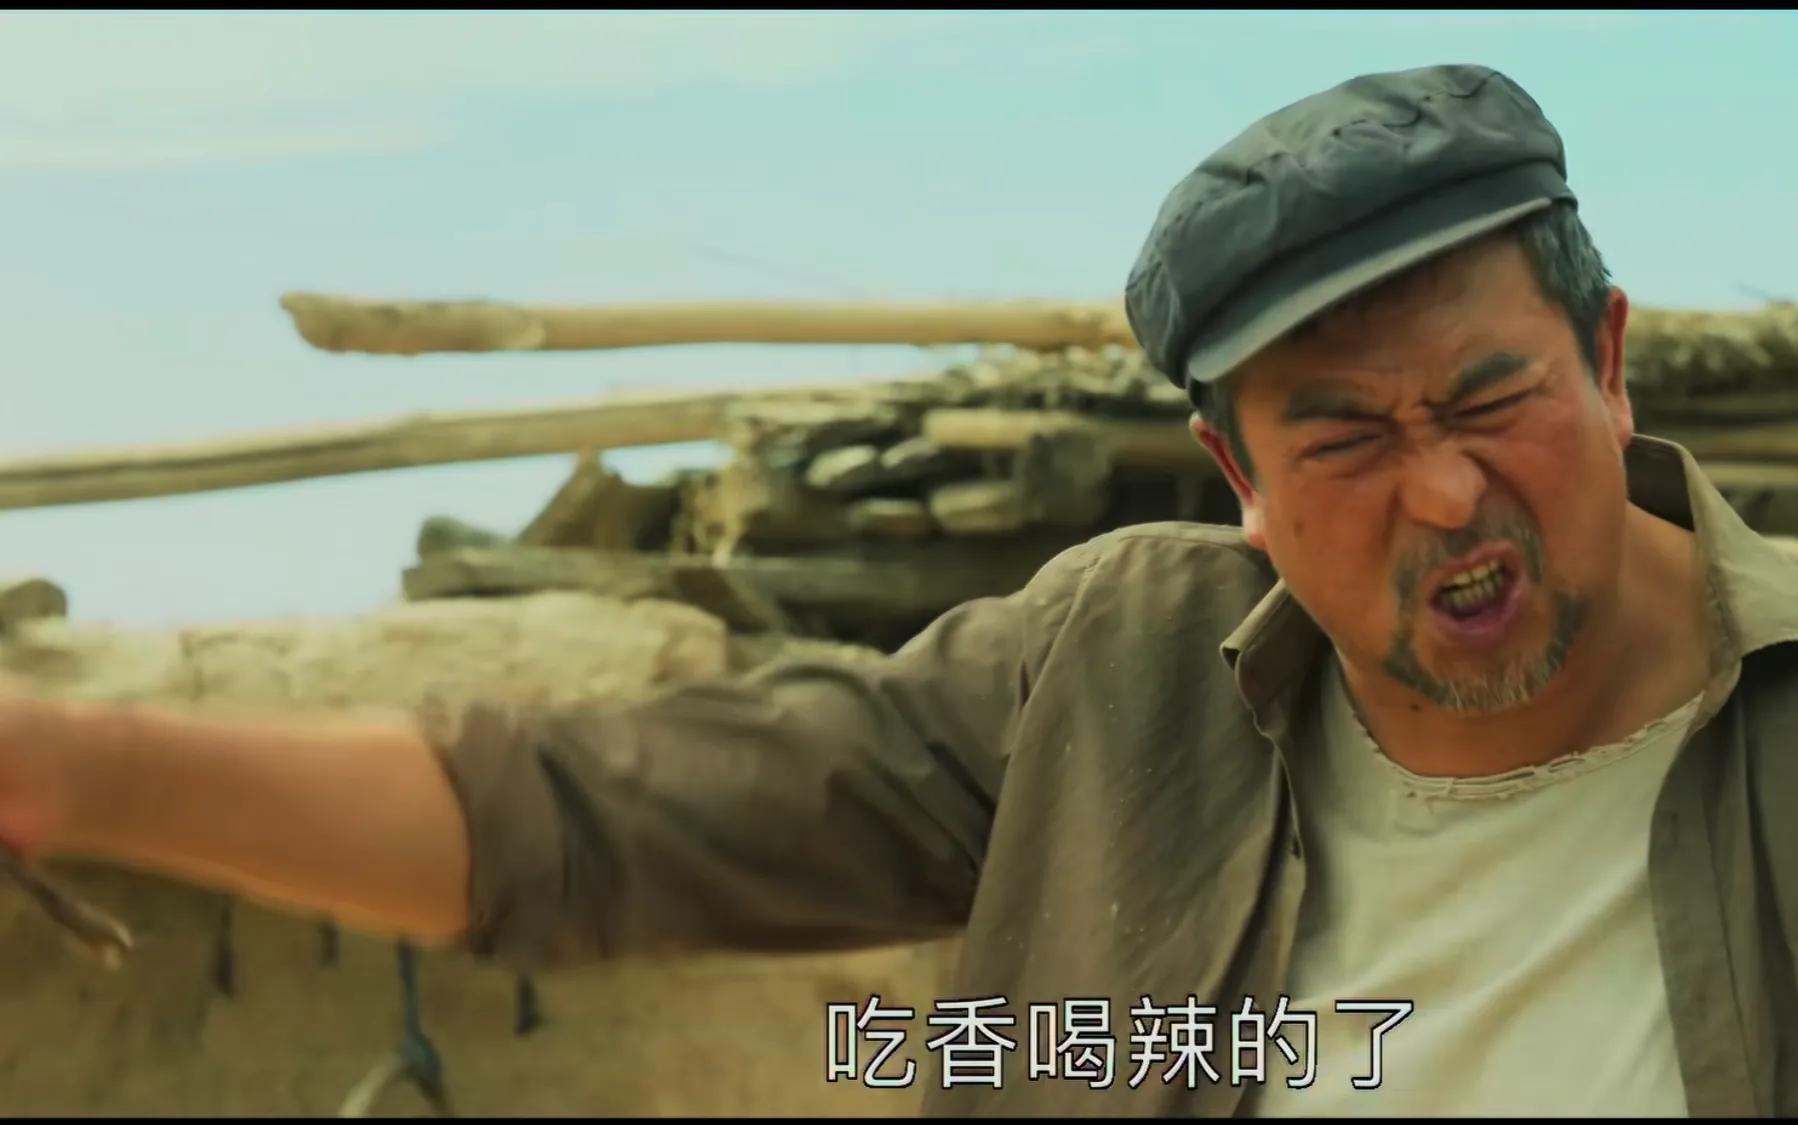 《山海情》为何黄轩做主角?而不是导演最爱:饰演宋运辉的王凯